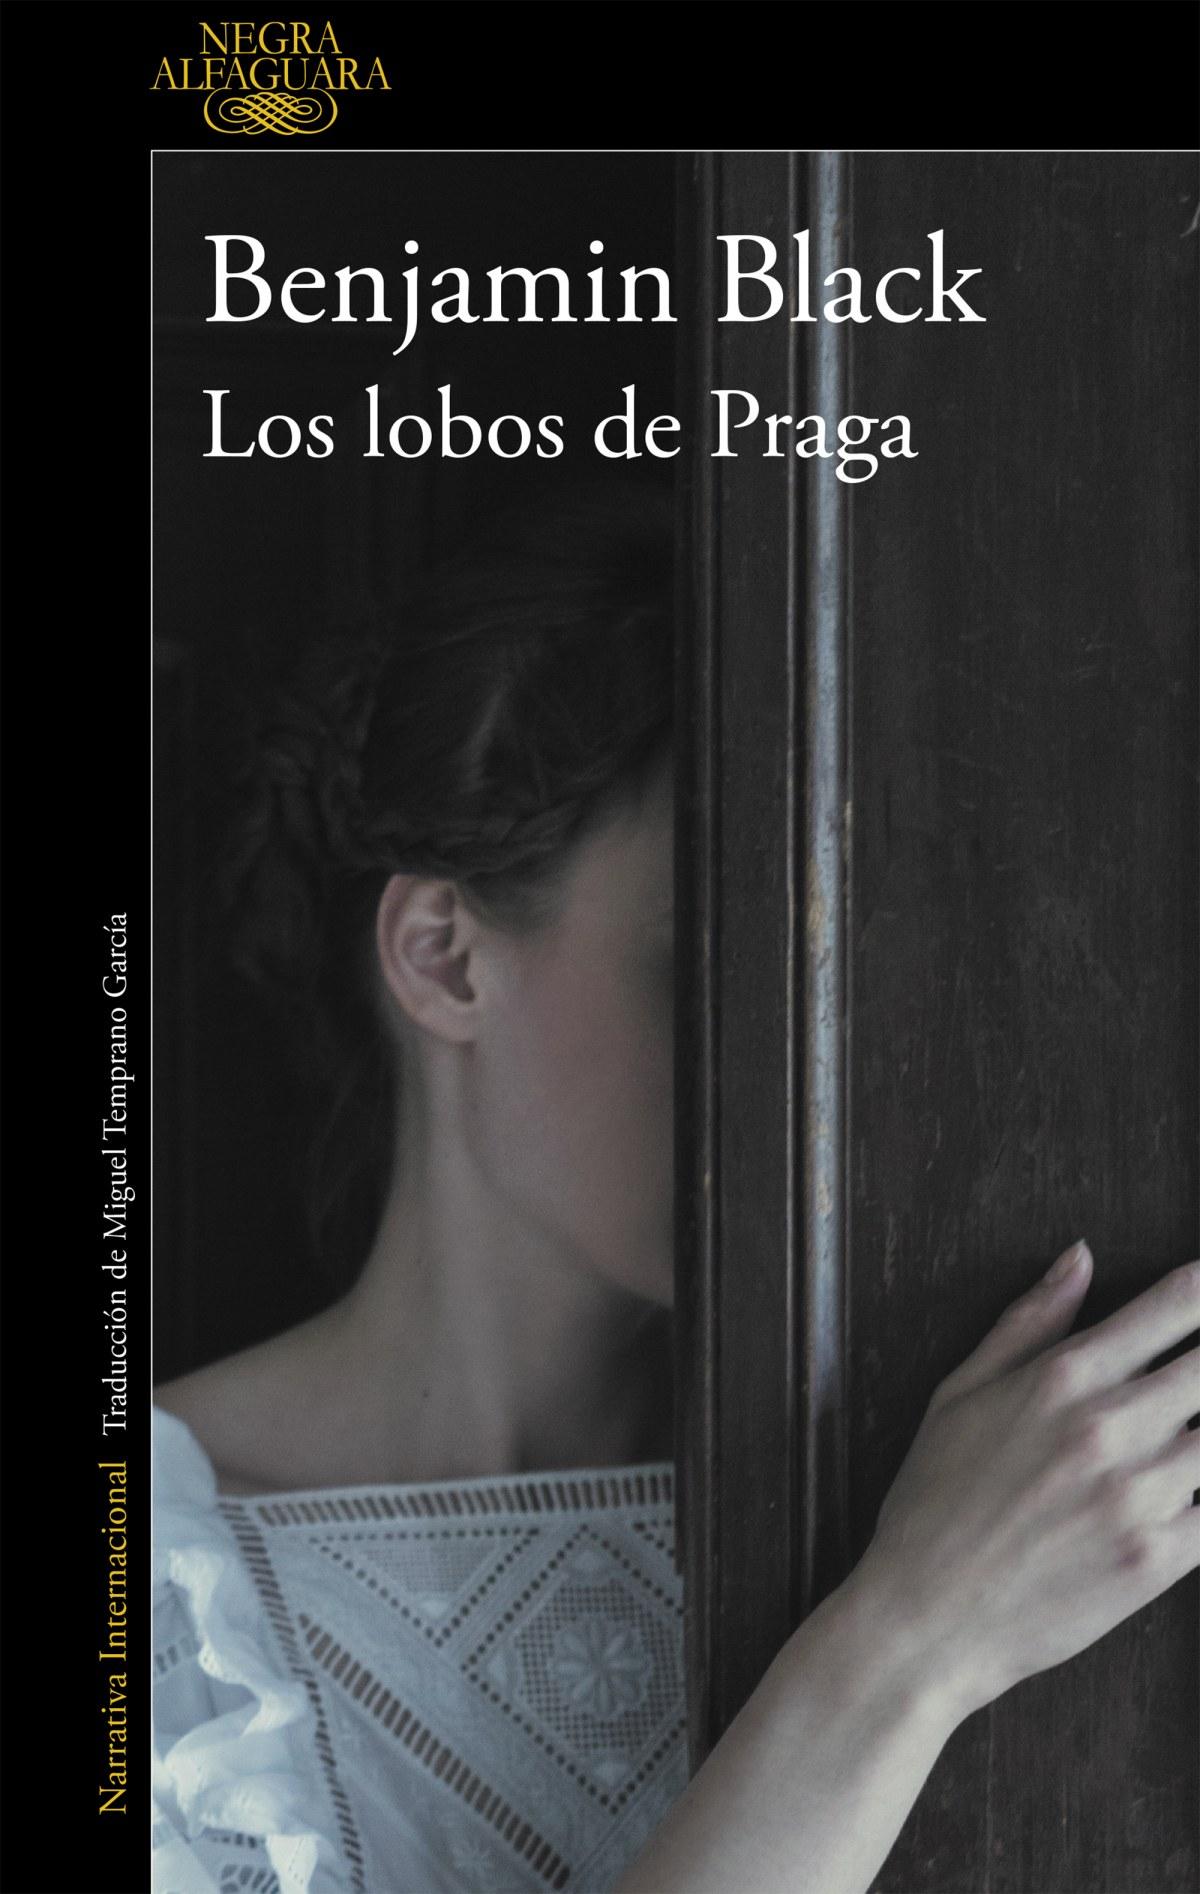 LOS LOBOS DE PRAGA 9788420434735